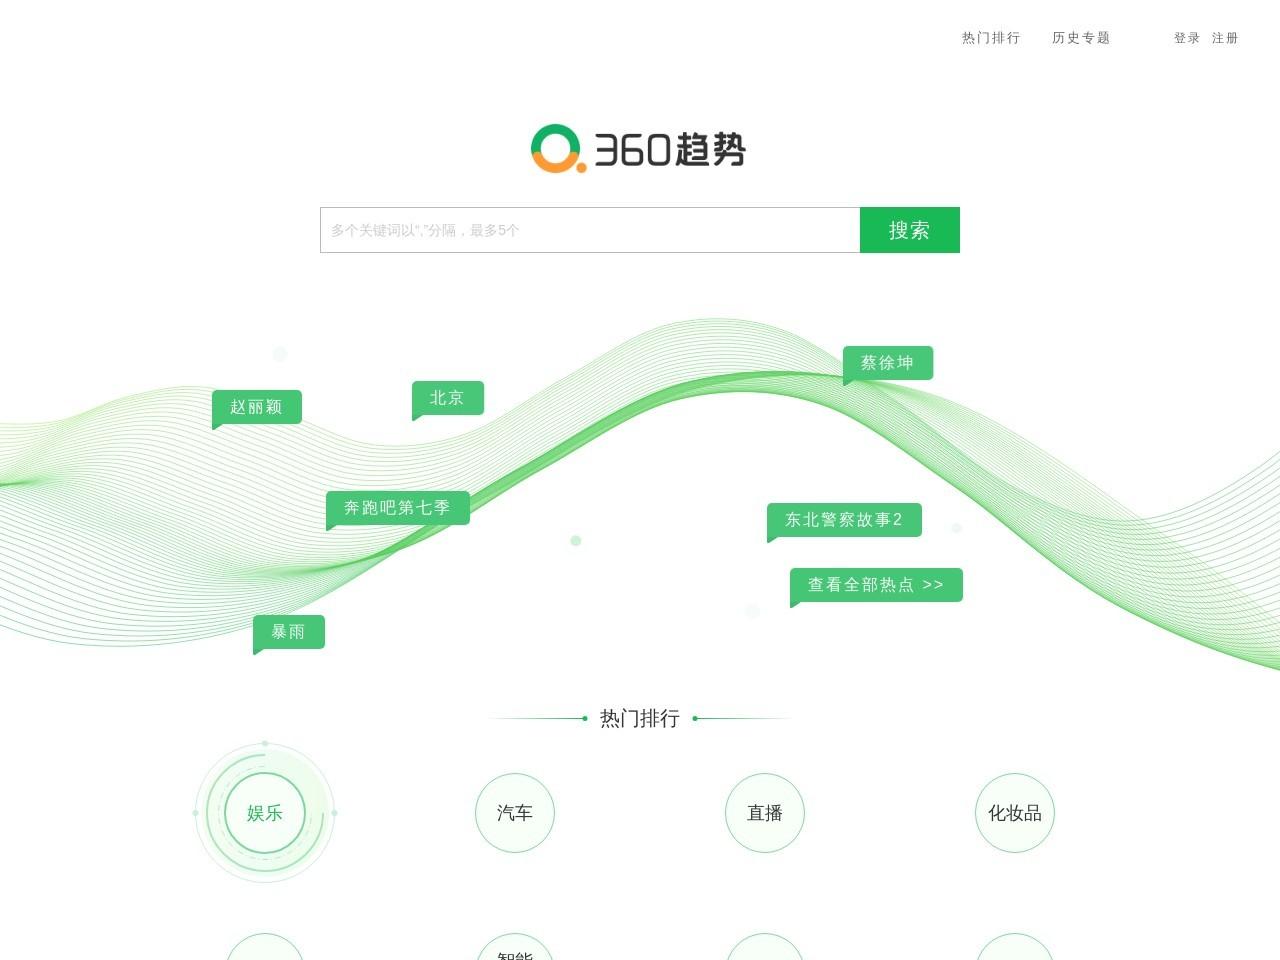 360趋势-大数据分享平台